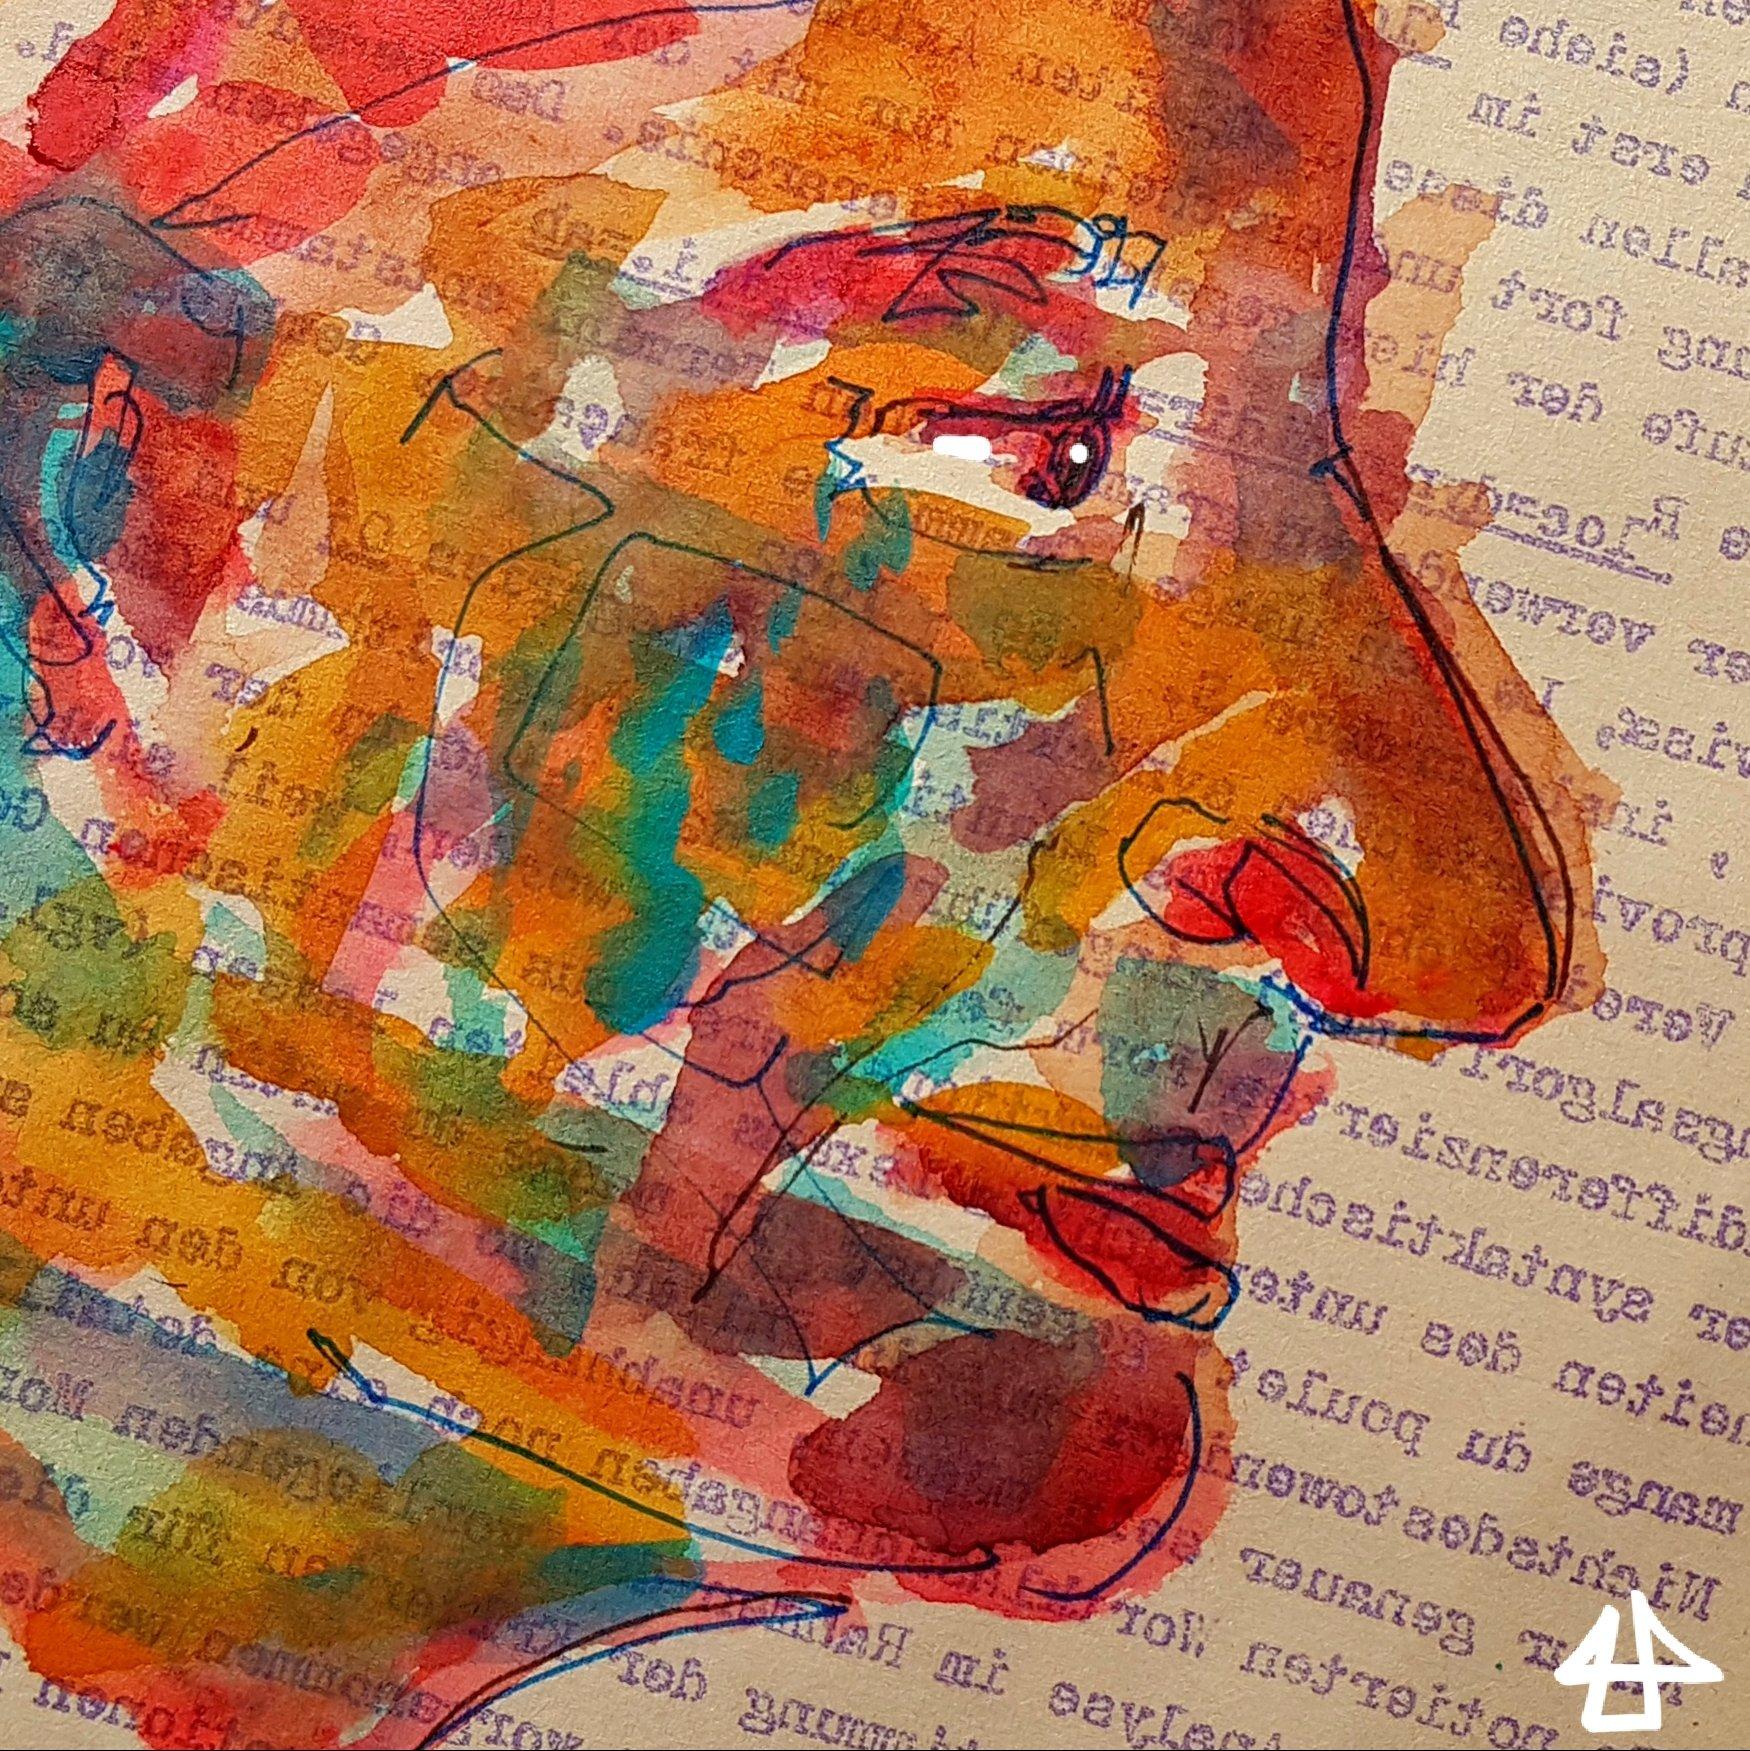 Profil einer Person mit großer Nase, die entspannt nach unten schaut, Fineliner und bunte Aquarellfarben.></p> </div><!-- .entry-content -->  <footer class=